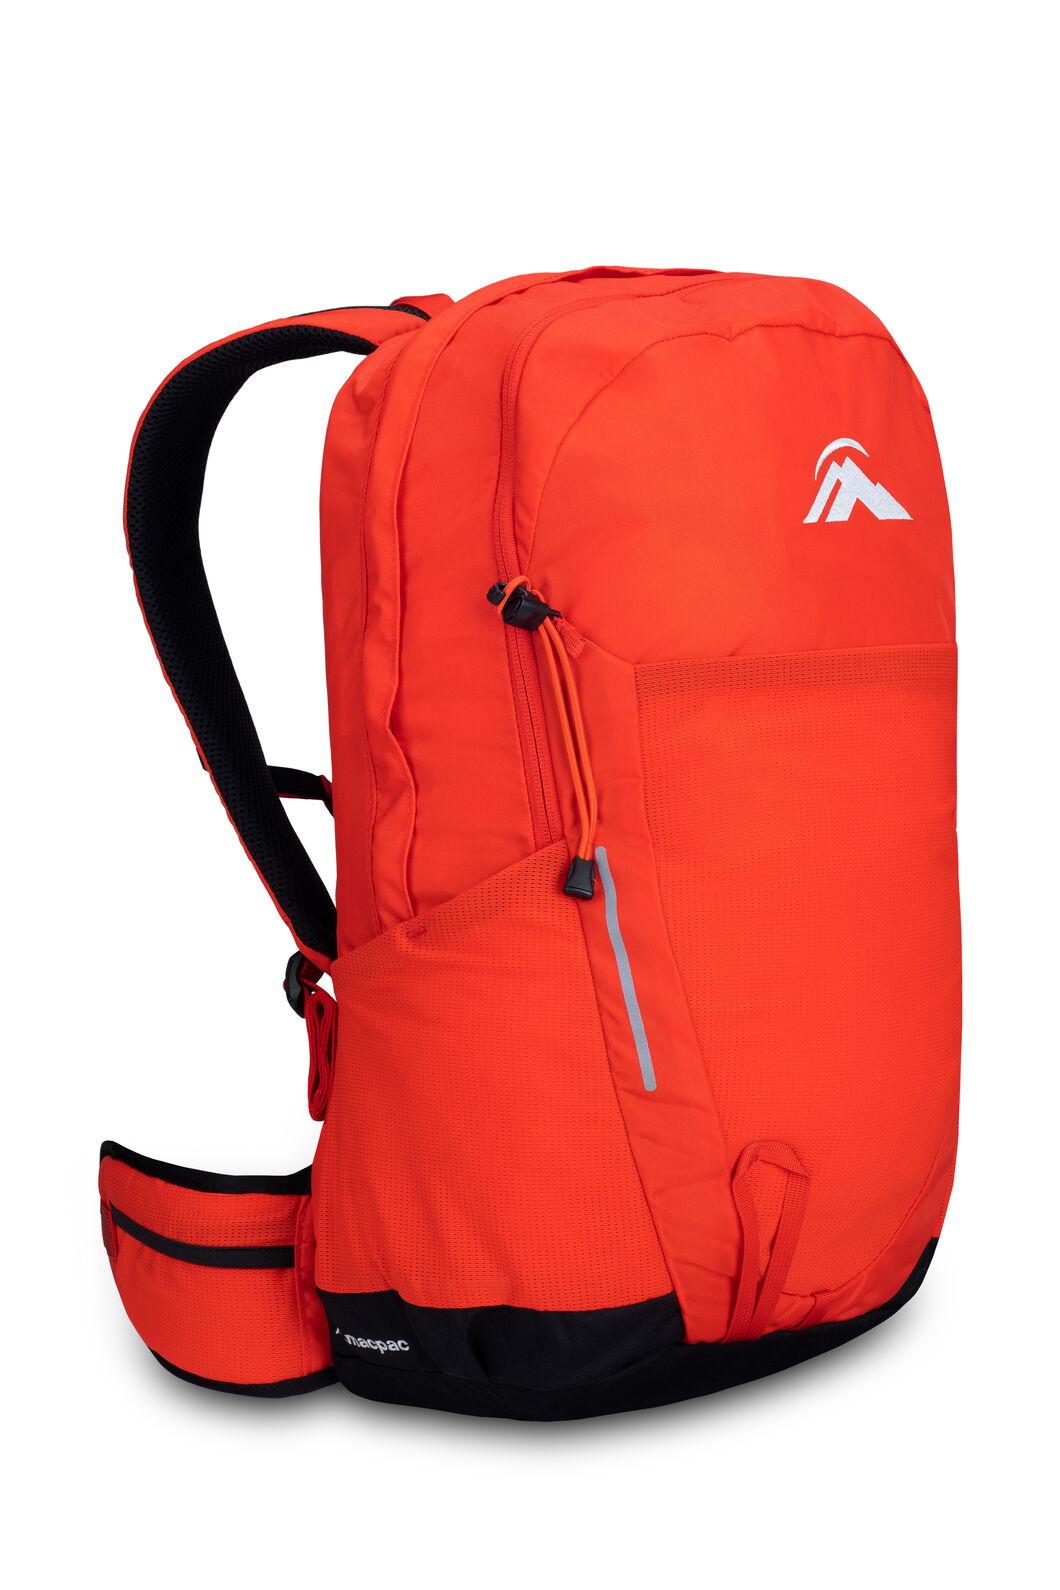 Macpac Rapaki 25L Backpack, Indicator, hi-res